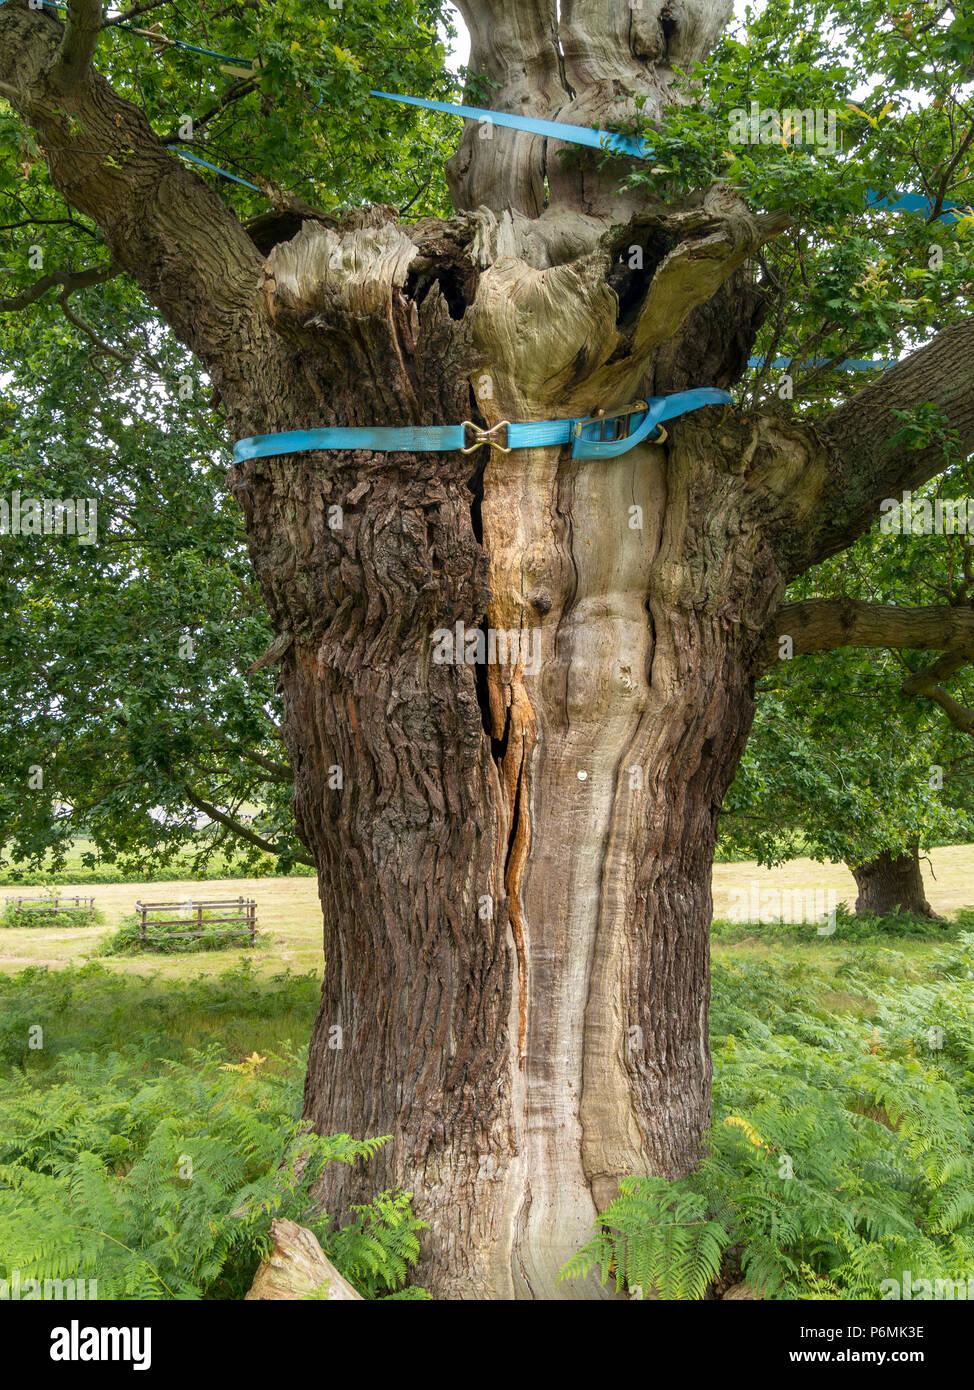 Sangles en nylon très robuste servant à protéger un vieux chêne de fendre dans Bradgate Park, Leicestershire, England, UK Photo Stock